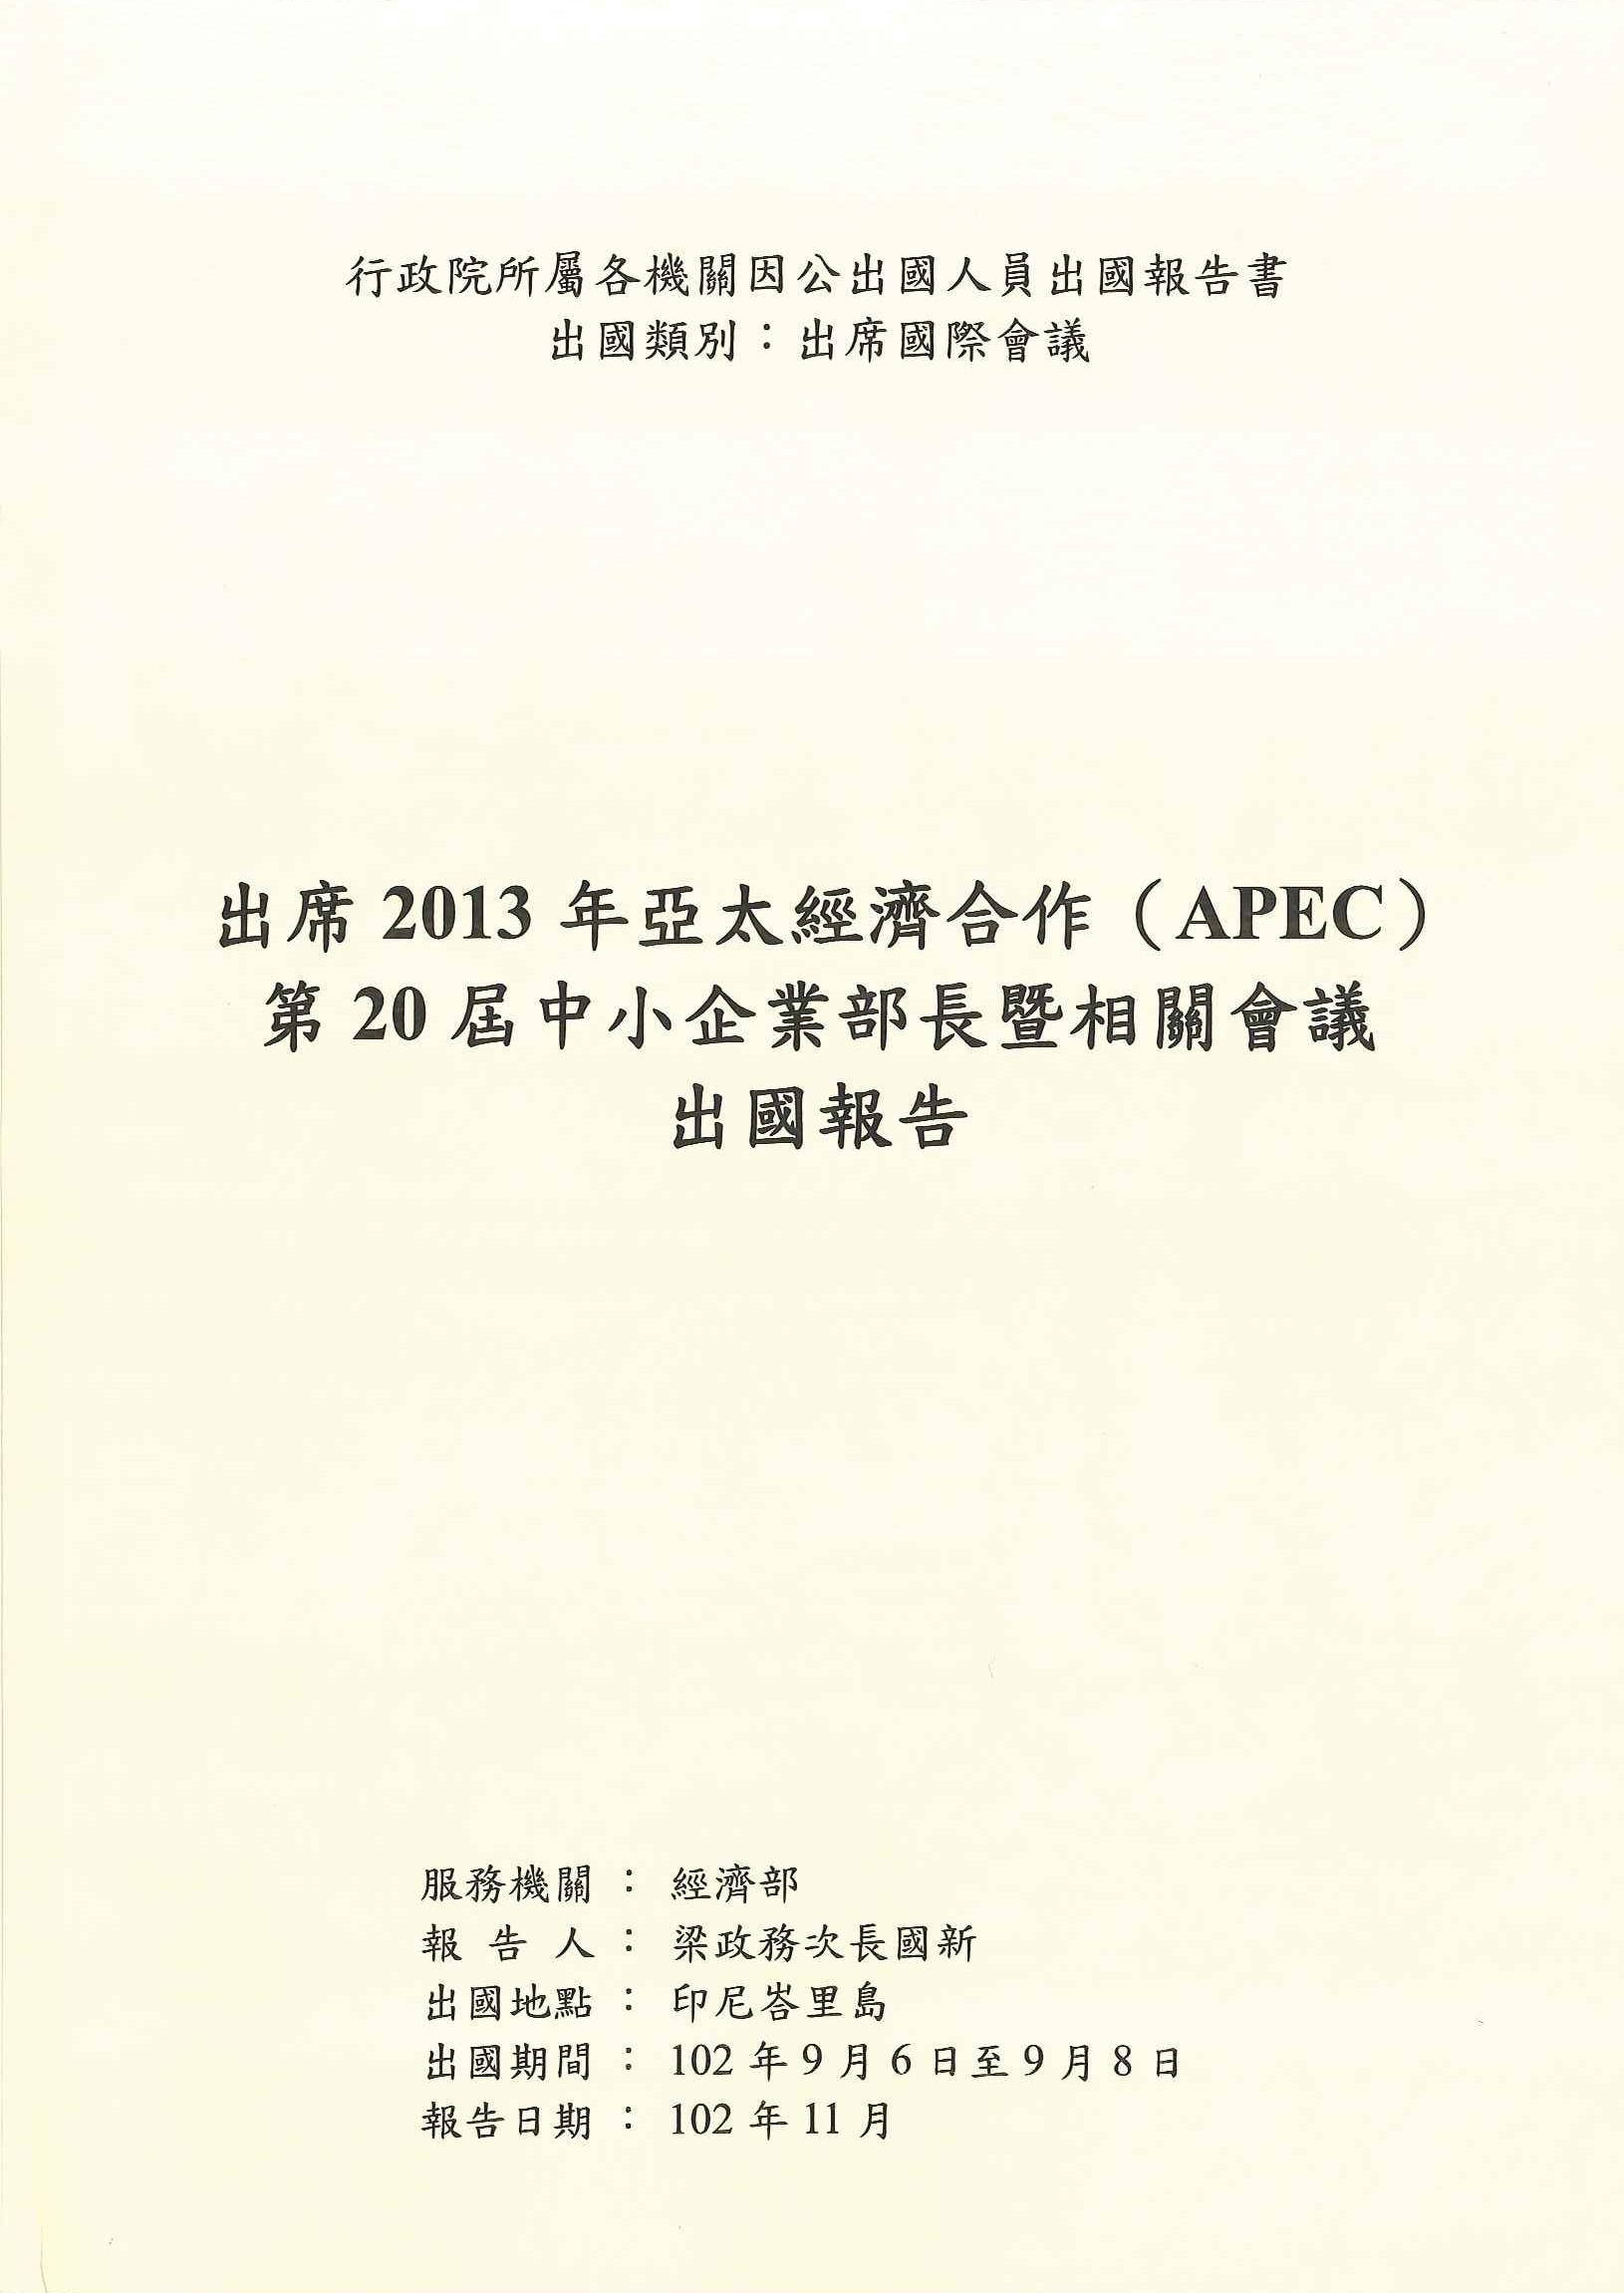 出席2013年亞太經濟合作(APEC)第20屆中小企業部長暨相關會議出國報告